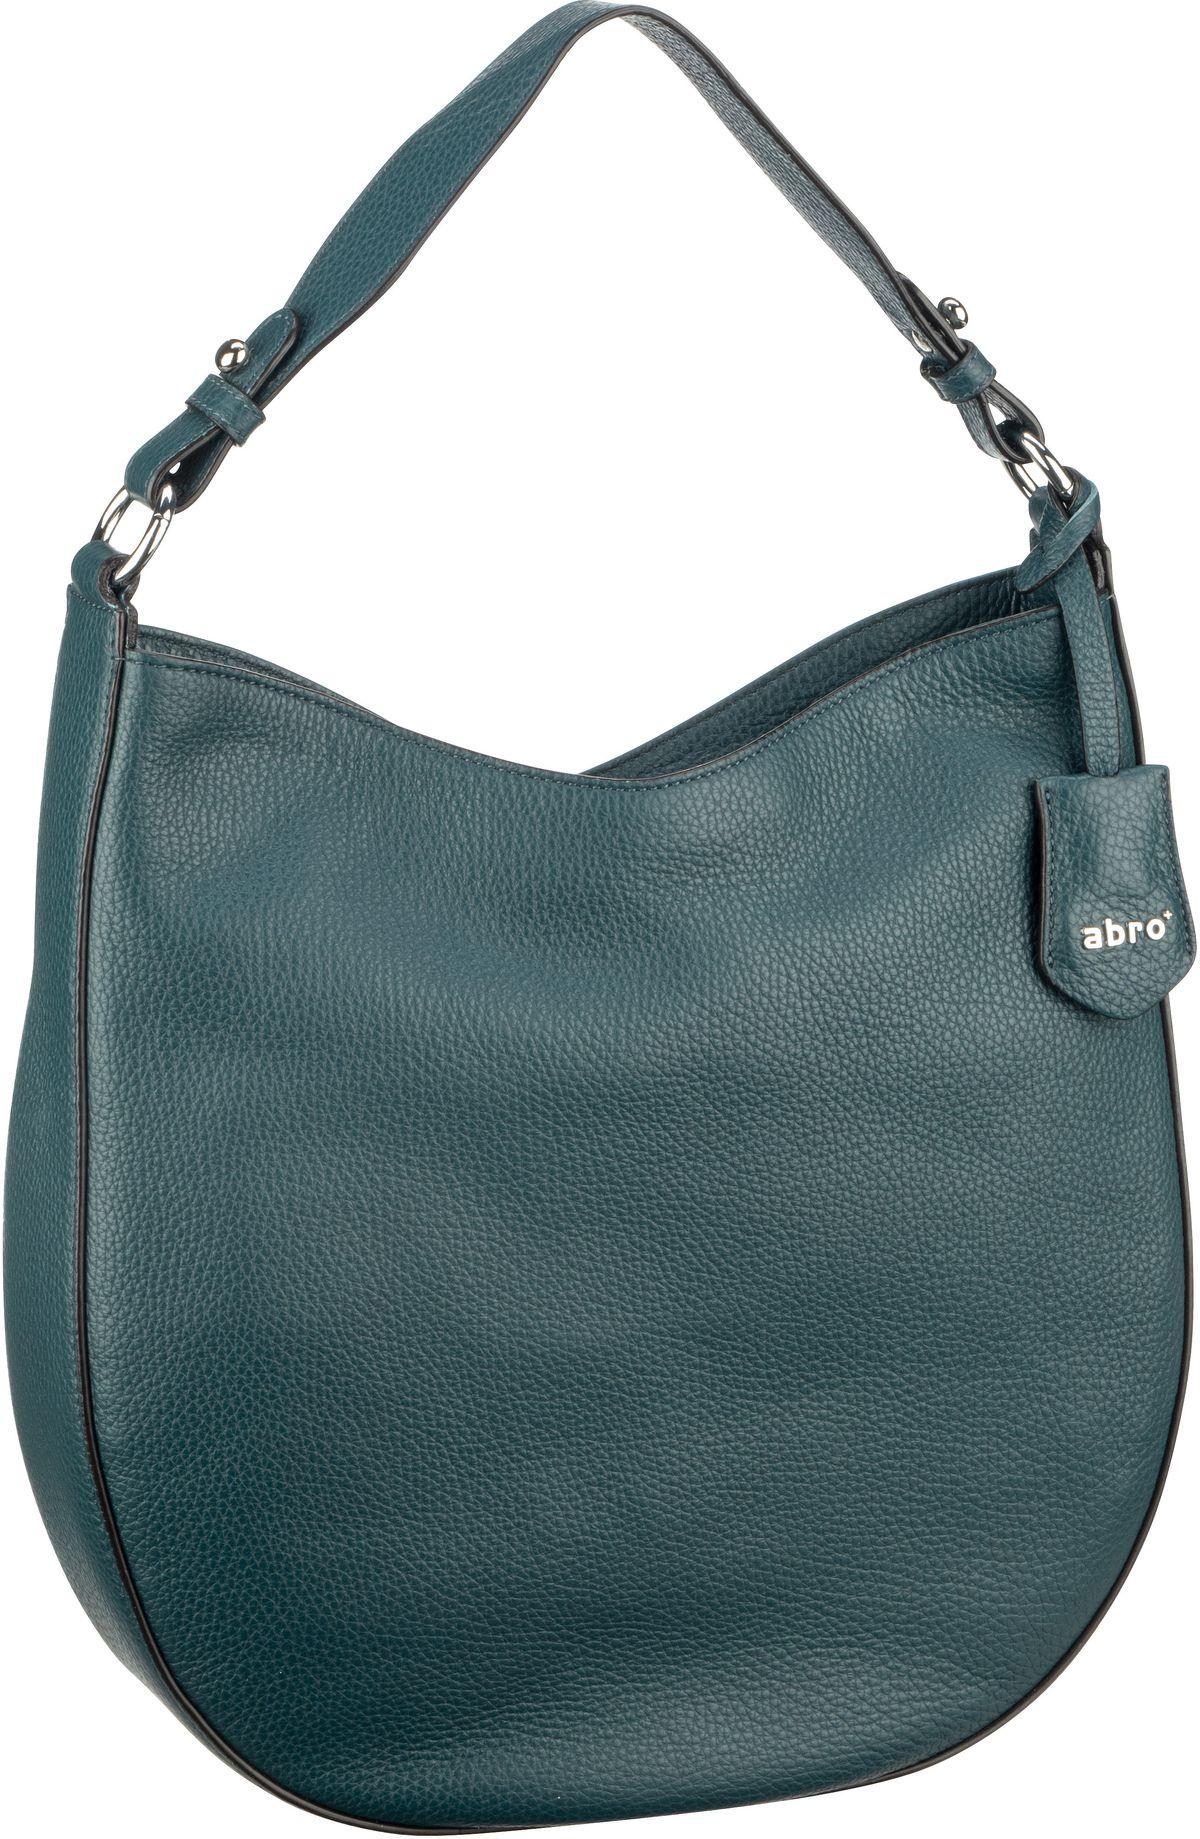 Handtasche Calf Adria 28486 Petrol